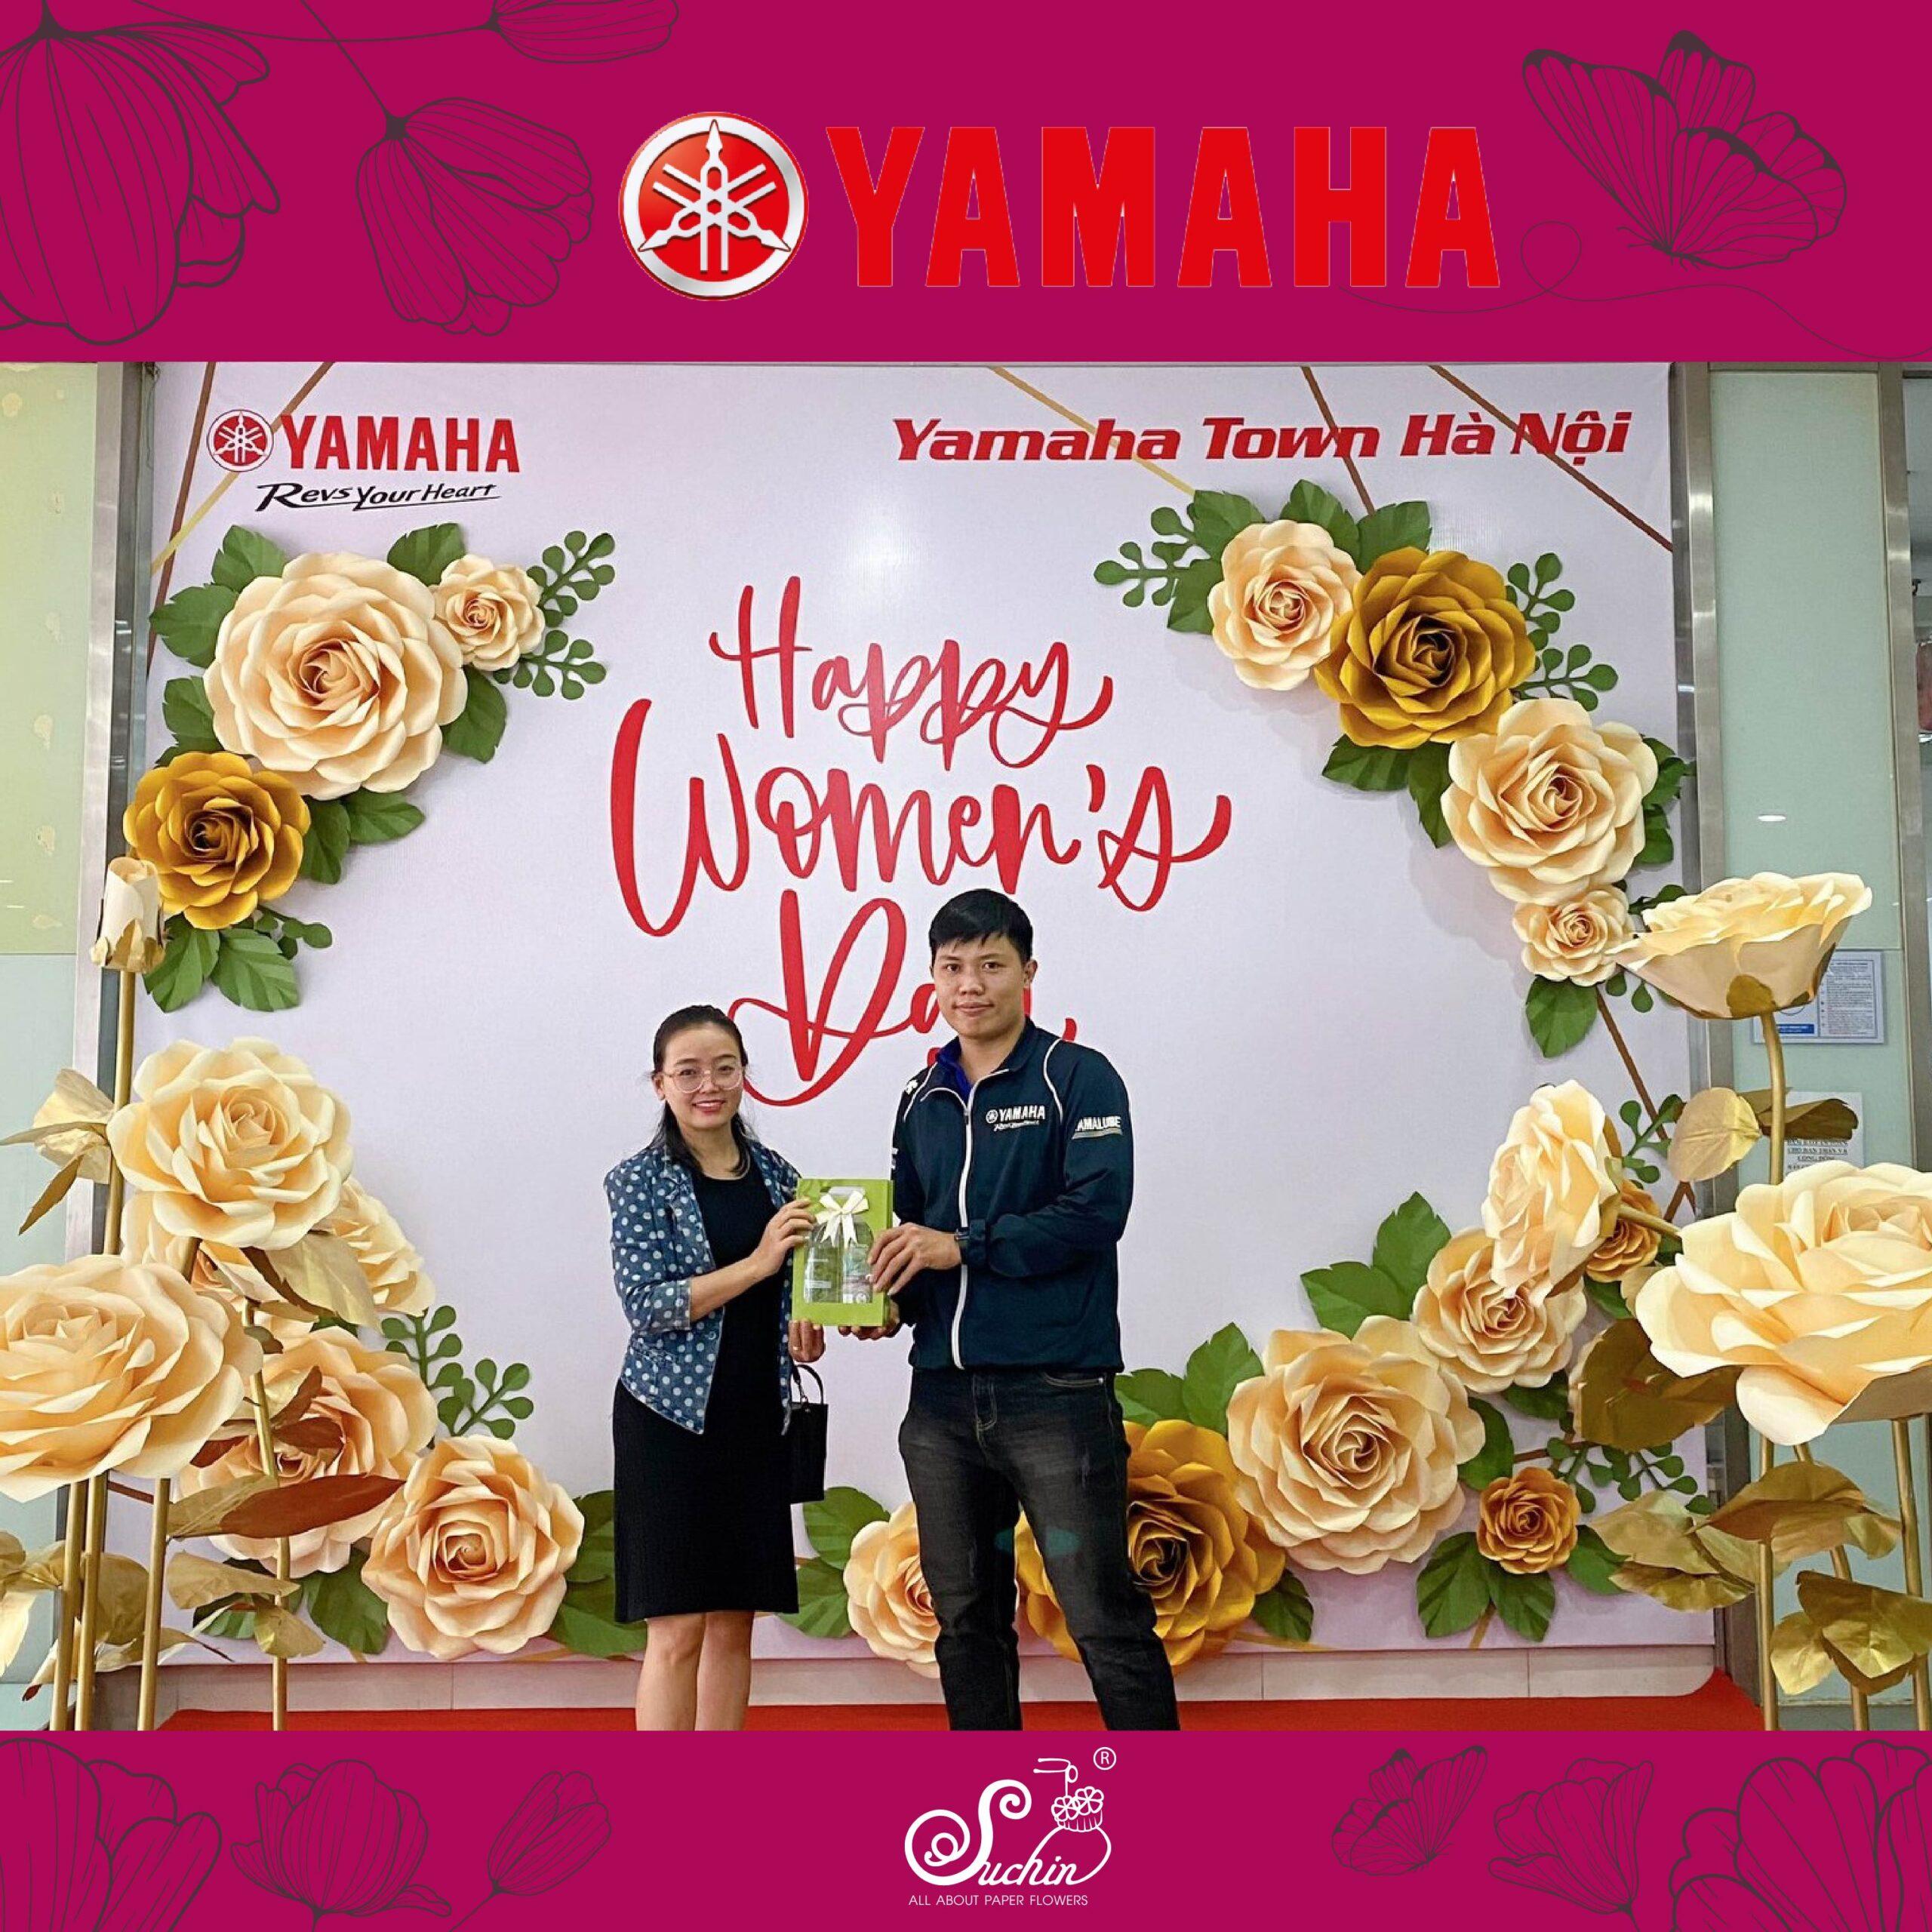 Yamaha Town Hà Nội – Backdrop hoa giấy trang trí 8/3